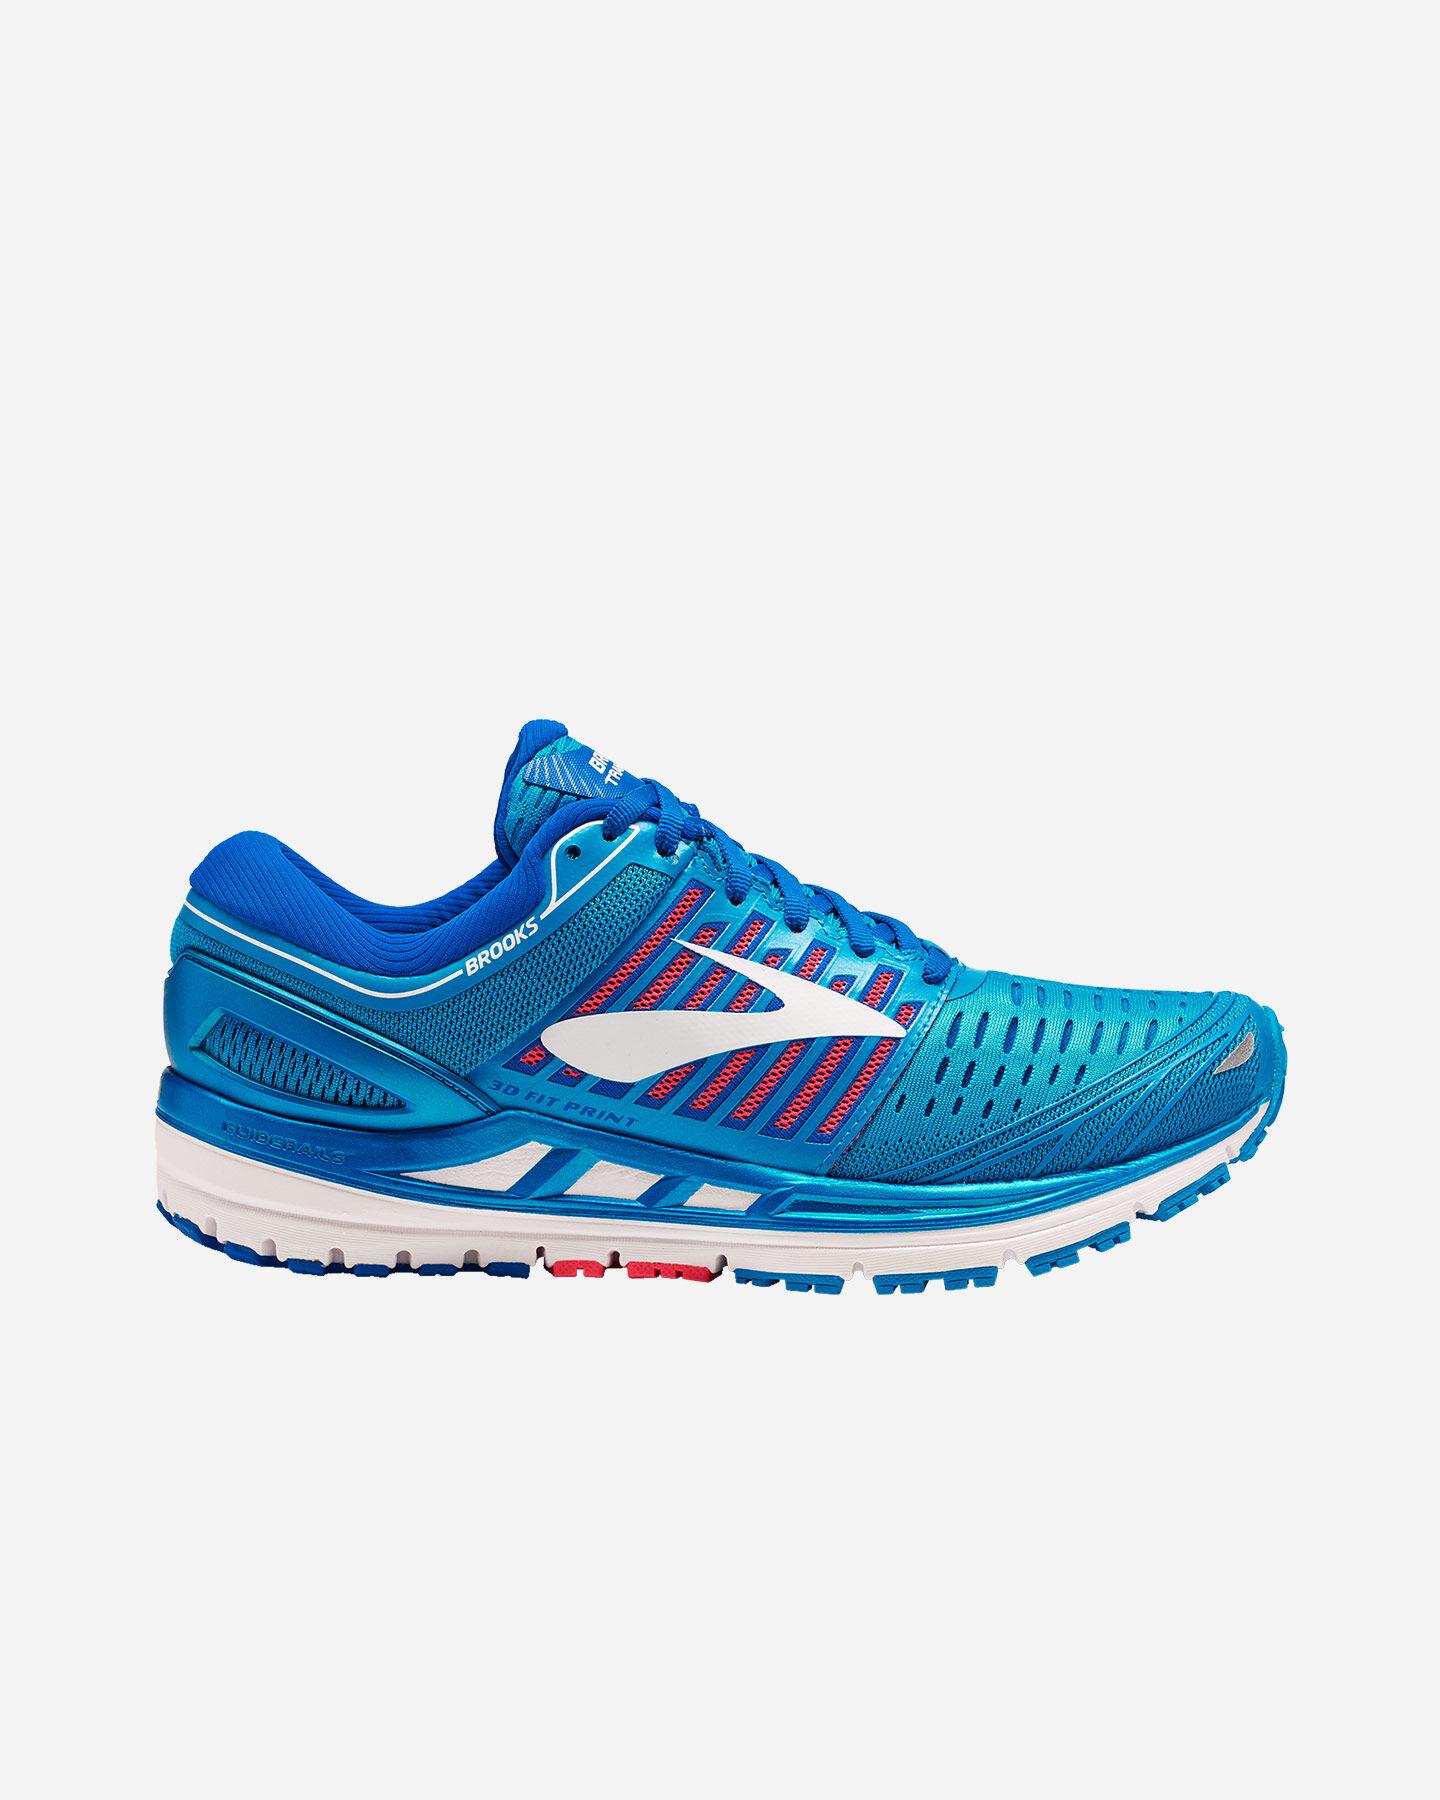 Acquista le migliori scarpe da running  bb1fdc897ac